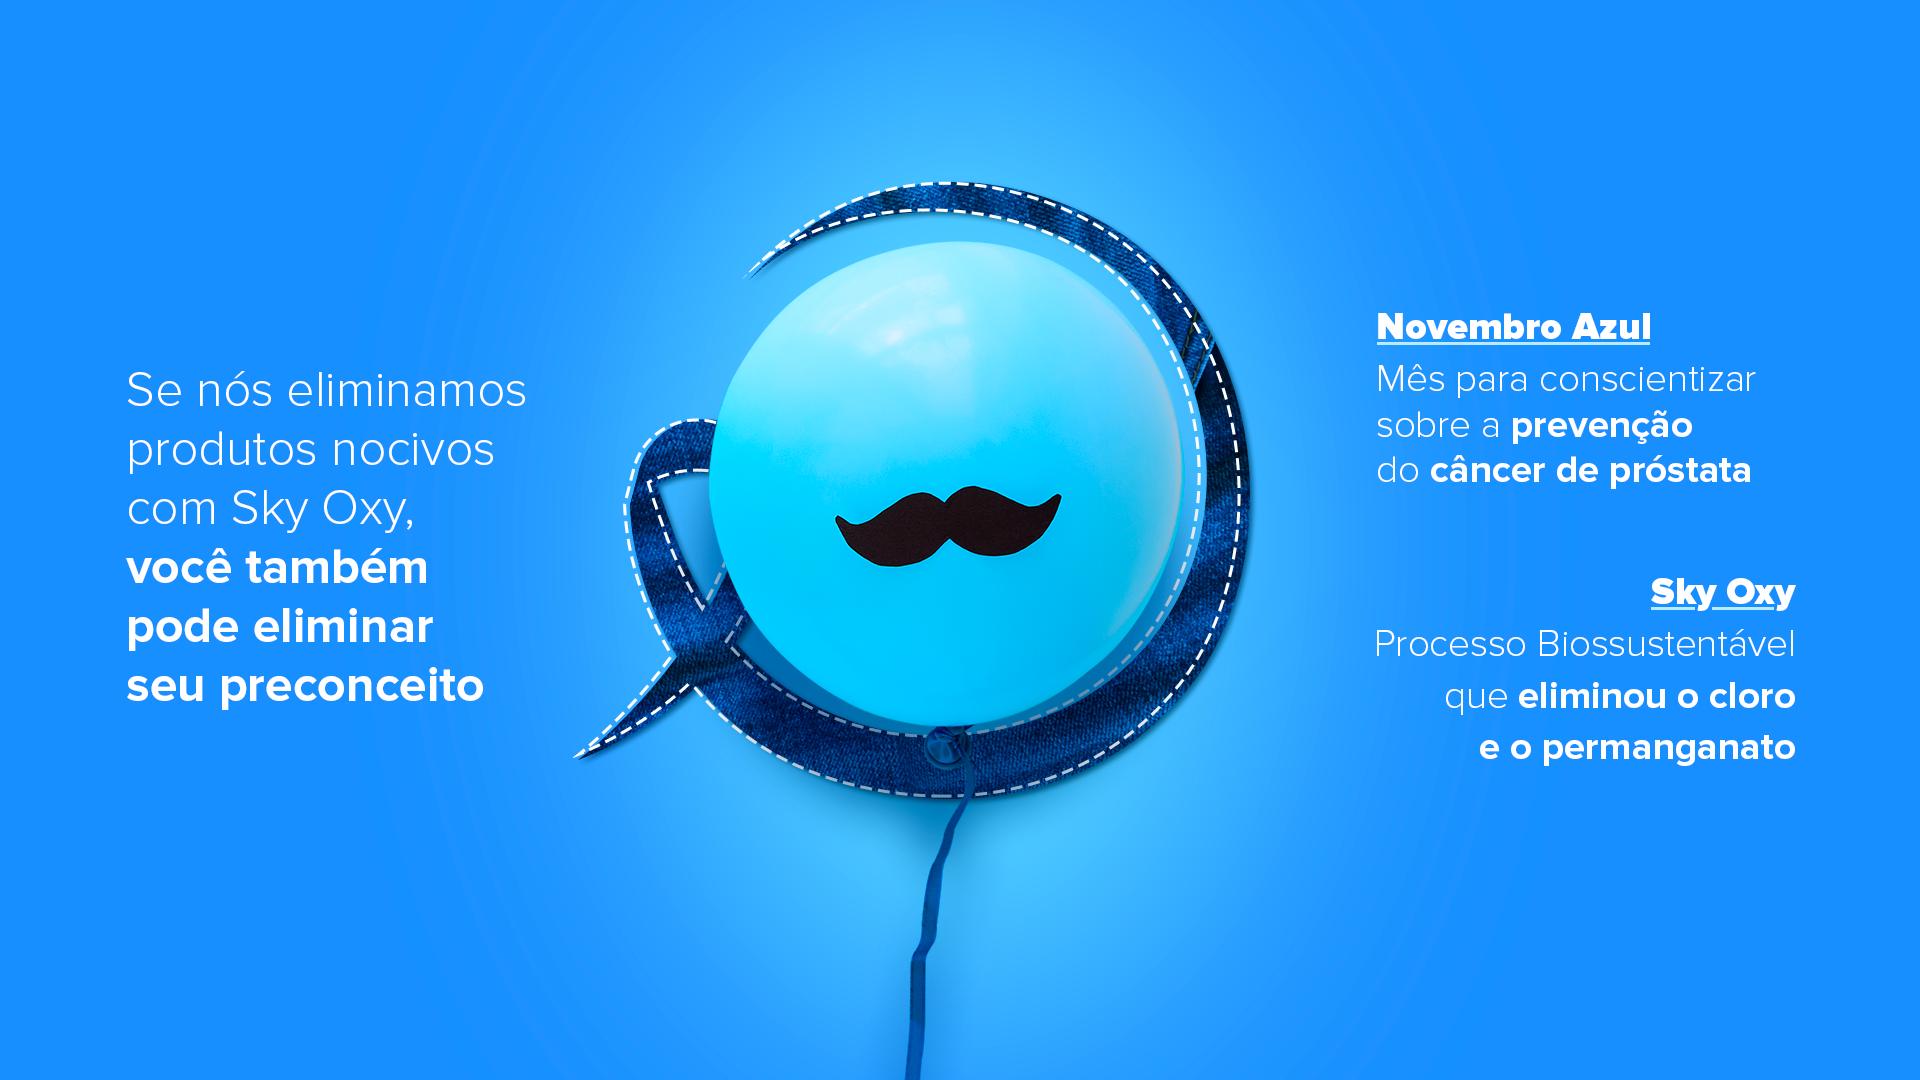 Novembro Azul – 2019